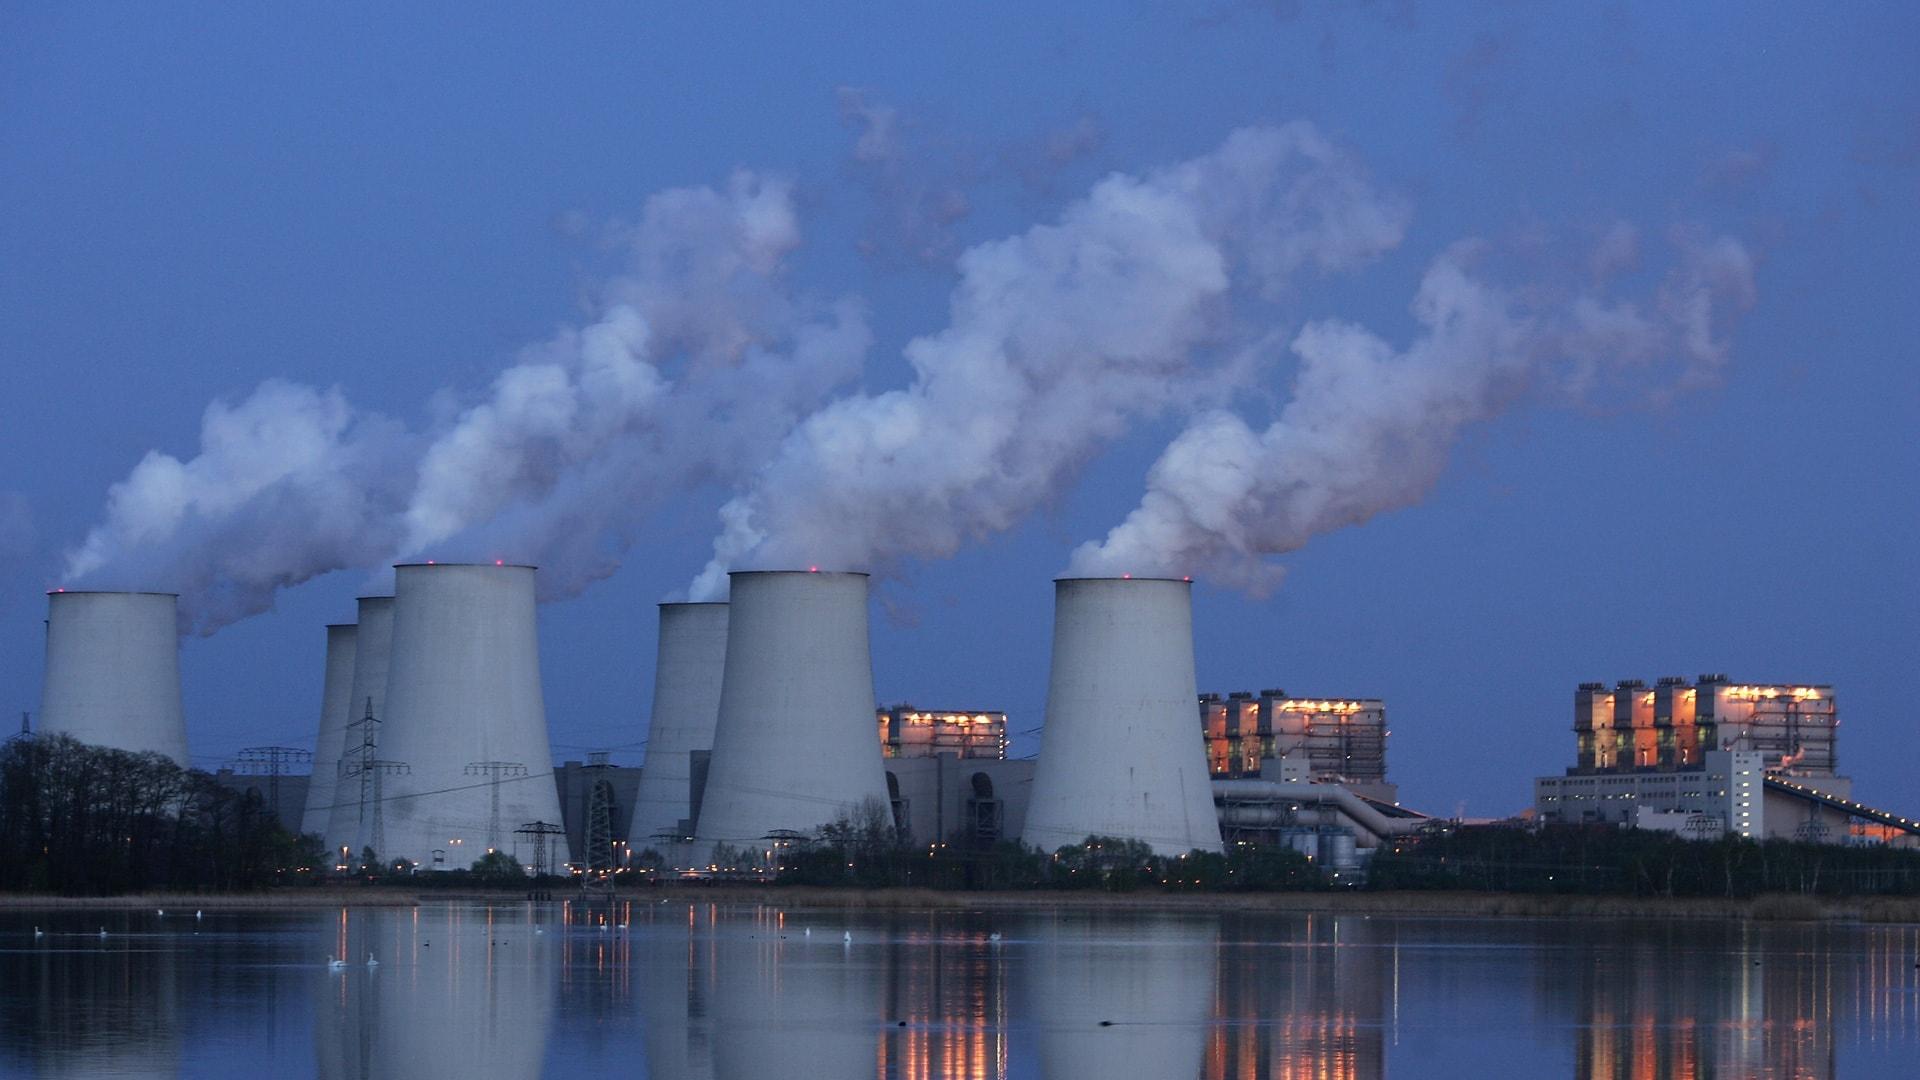 Analisis-de-gases-industriales.-Acondicionado-y-muestreo-de-gas